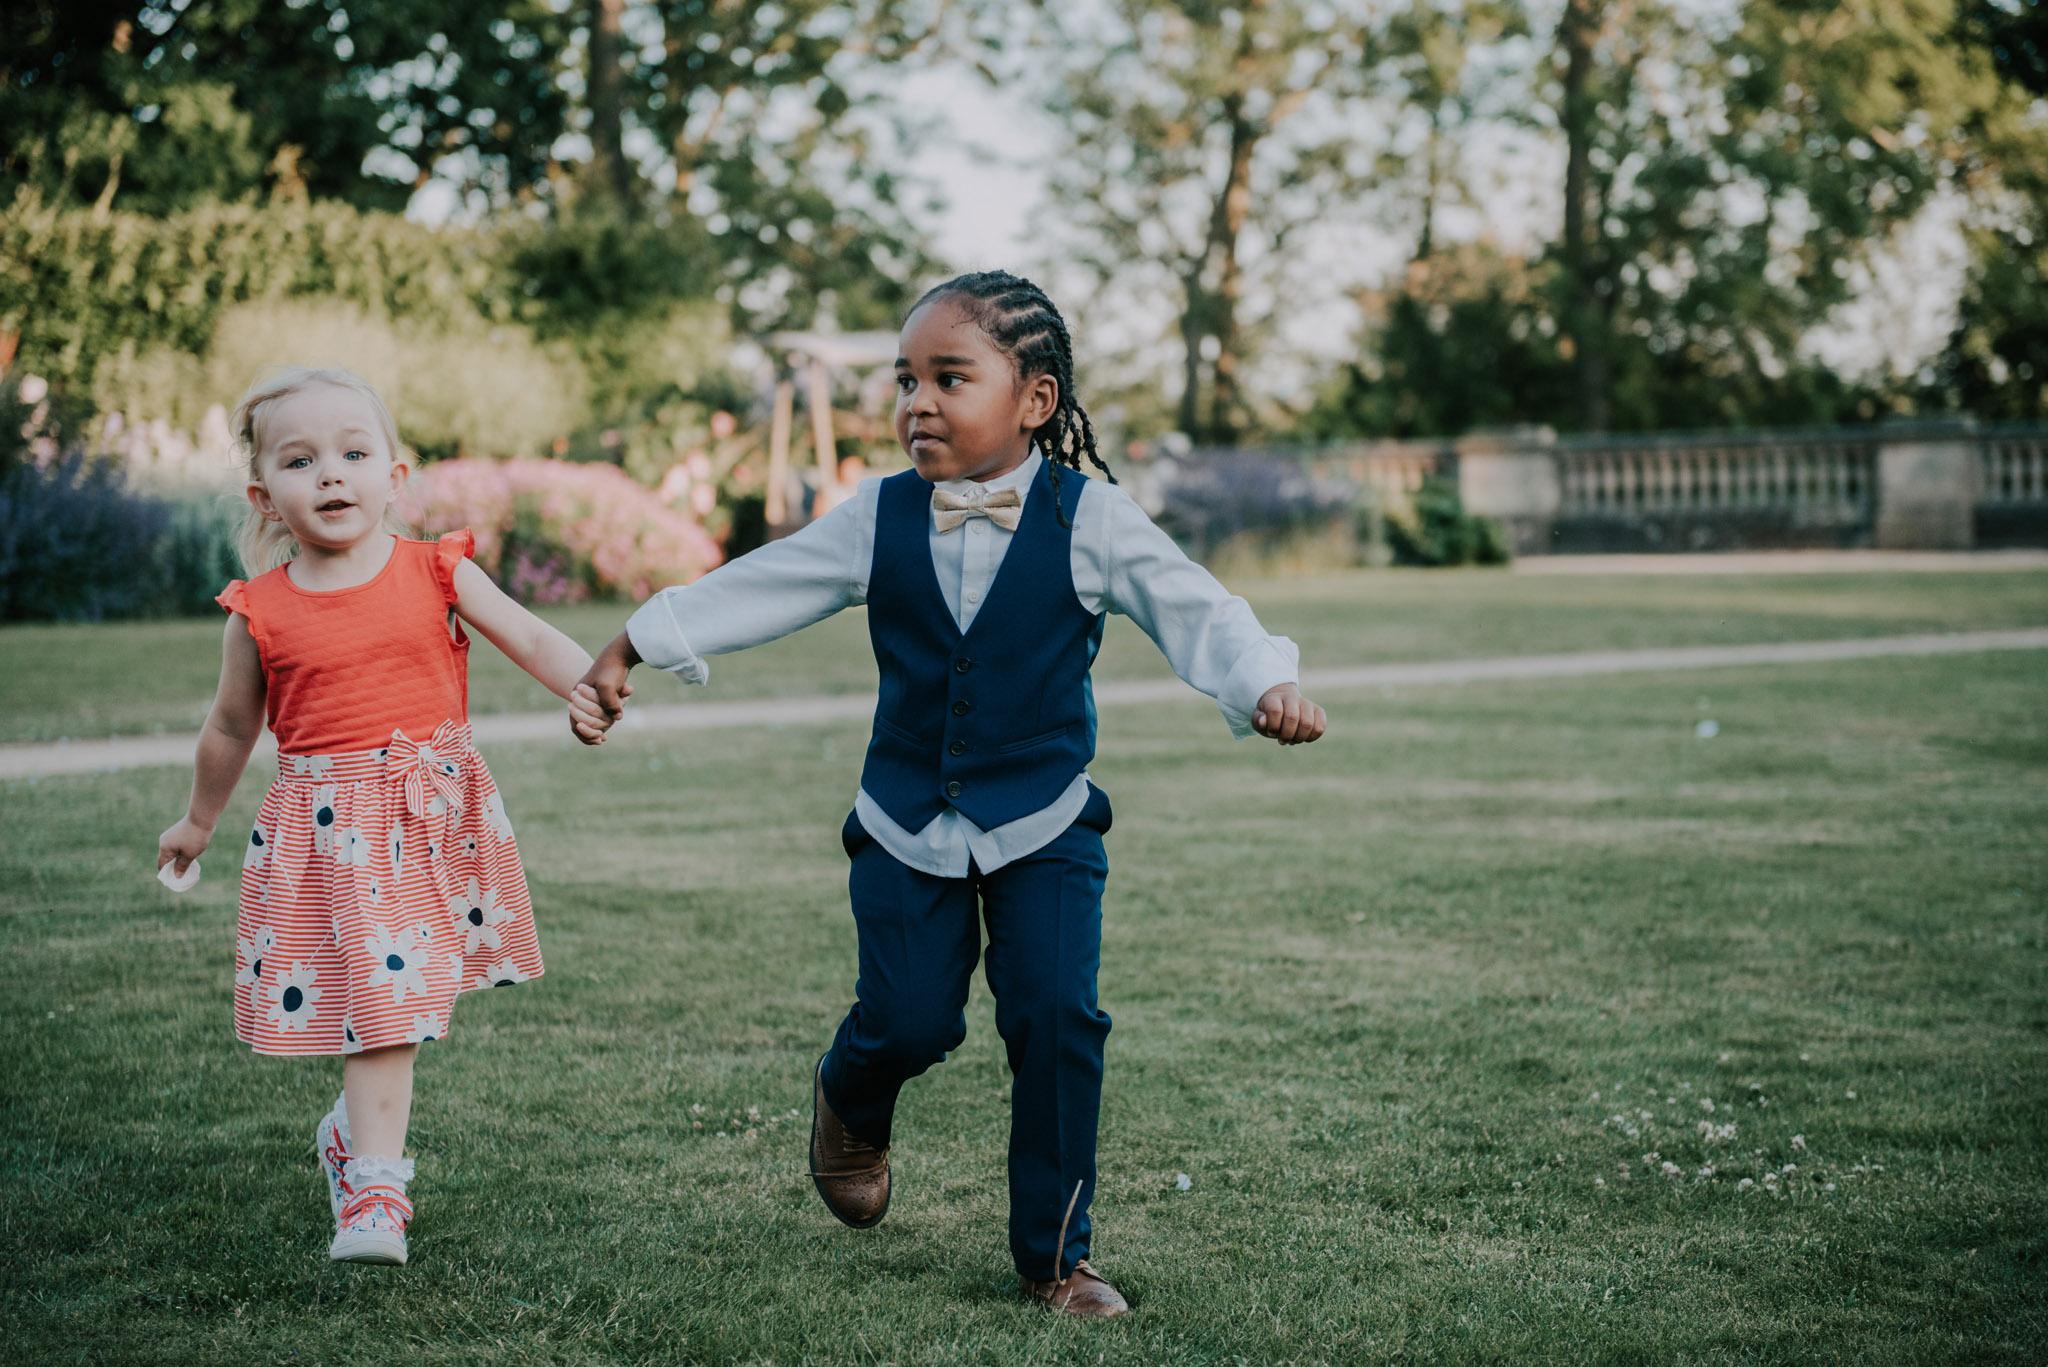 scott-stockwell-wedding-photographer-wood-norton-evesham347.jpg